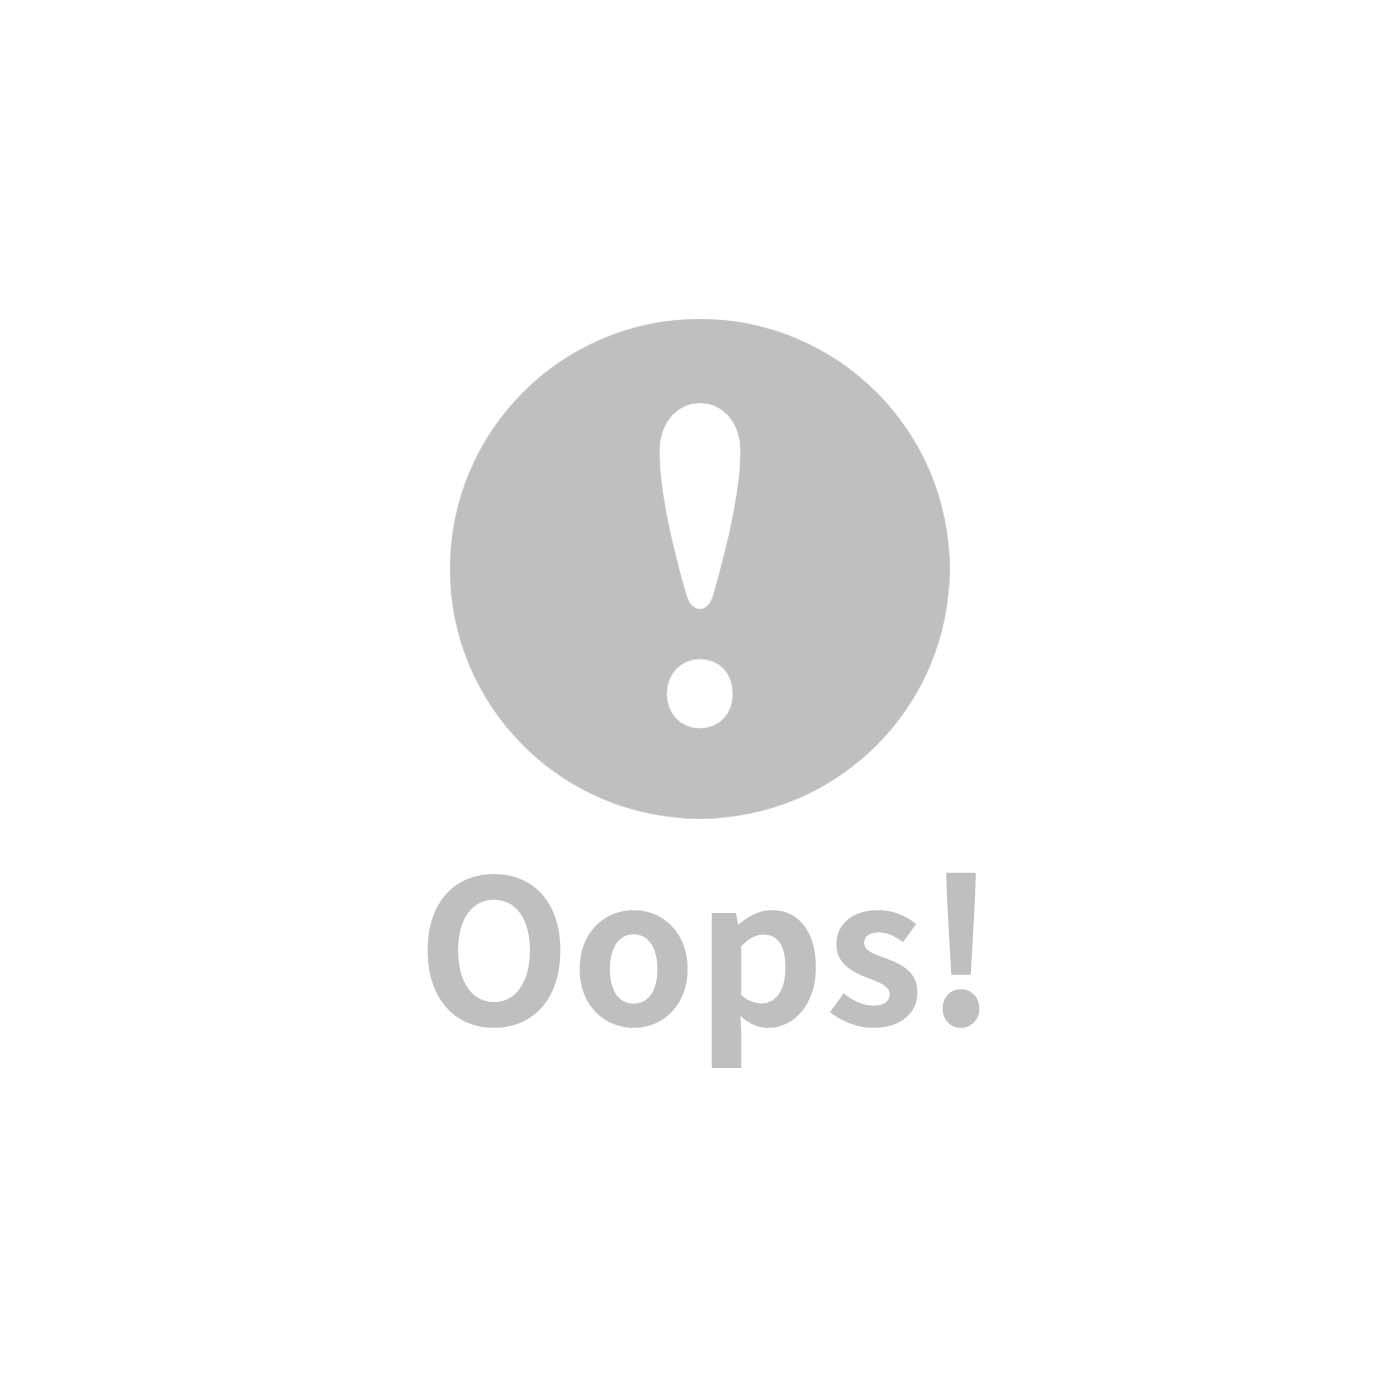 【彌月禮盒】La Millou 單面巧柔豆豆毯+豆豆安撫巾(多款可選)-附禮盒包裝+送禮提袋